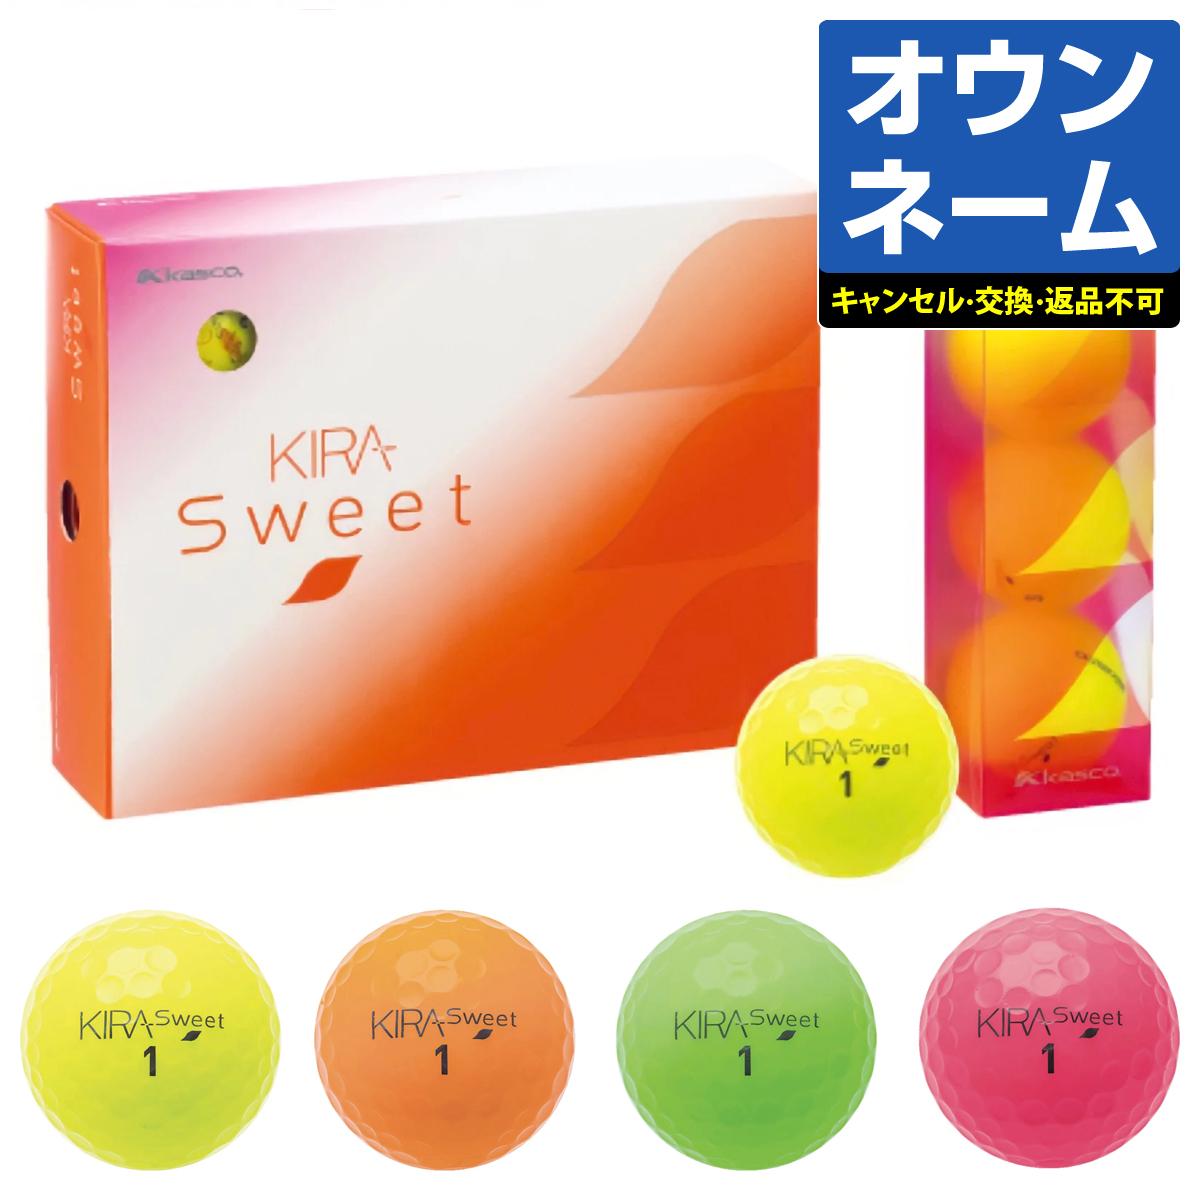 【3月30日 20時~4h限定10倍】【オリジナルマーク3色オンネーム】キャスコKIRA SWEETゴルフボール3ダース(36個)